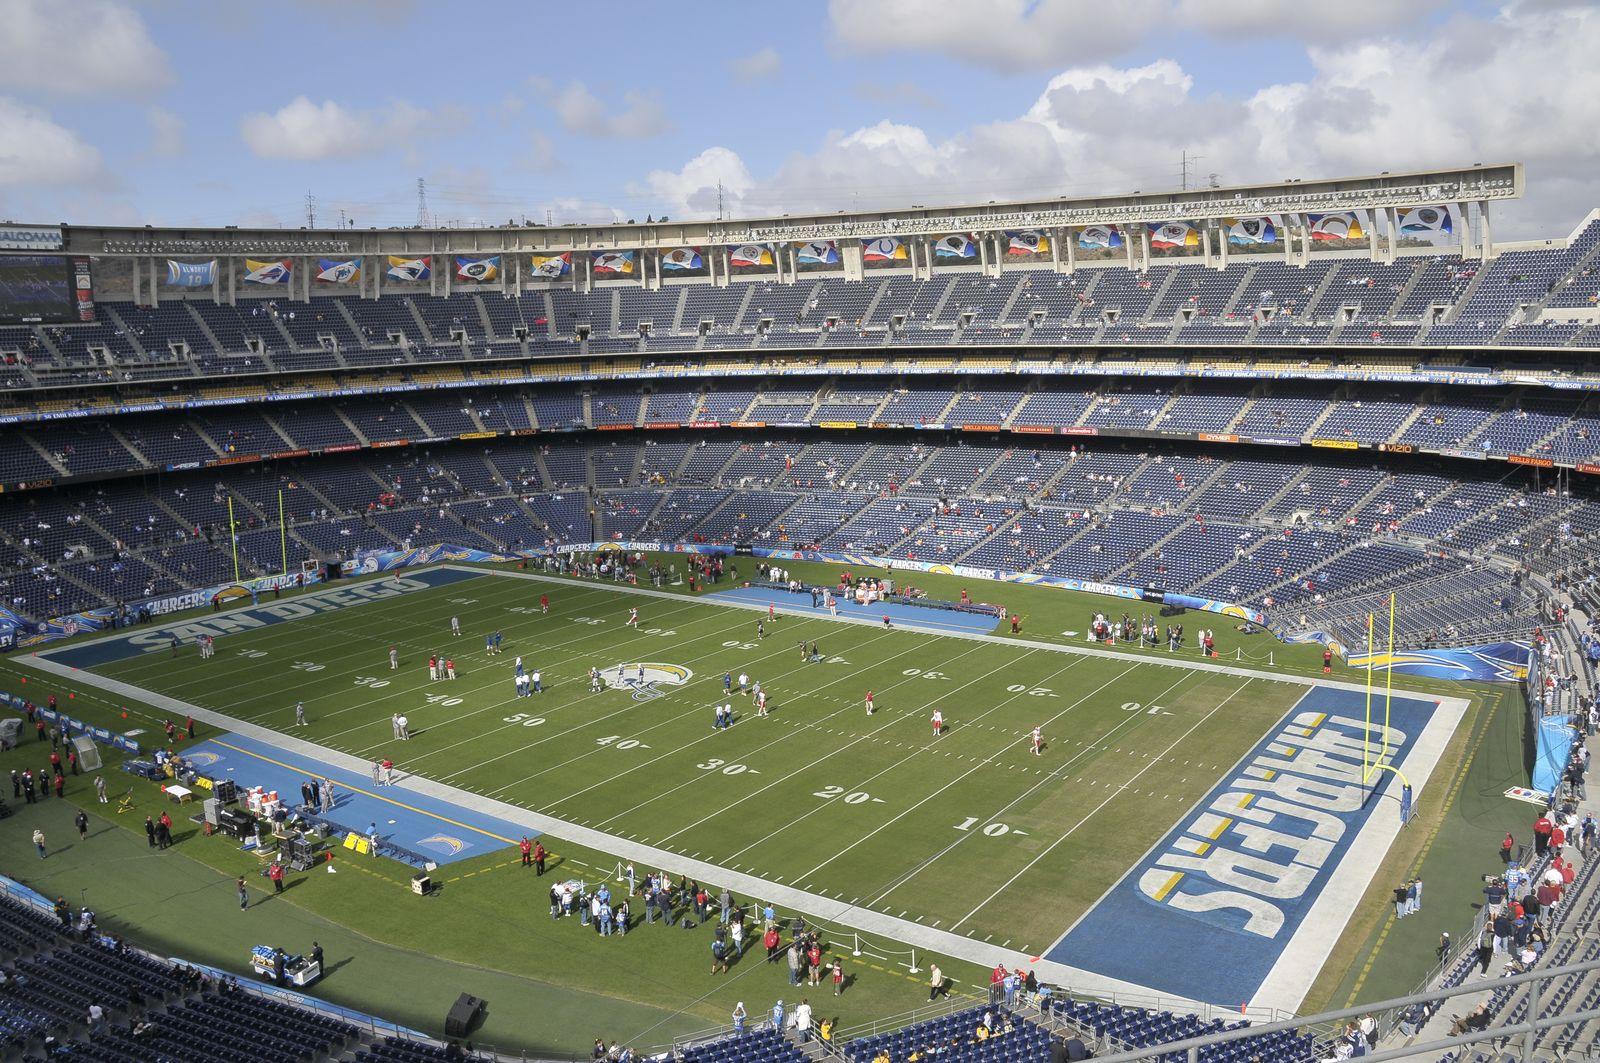 Qualcomm Stadium Bing Images